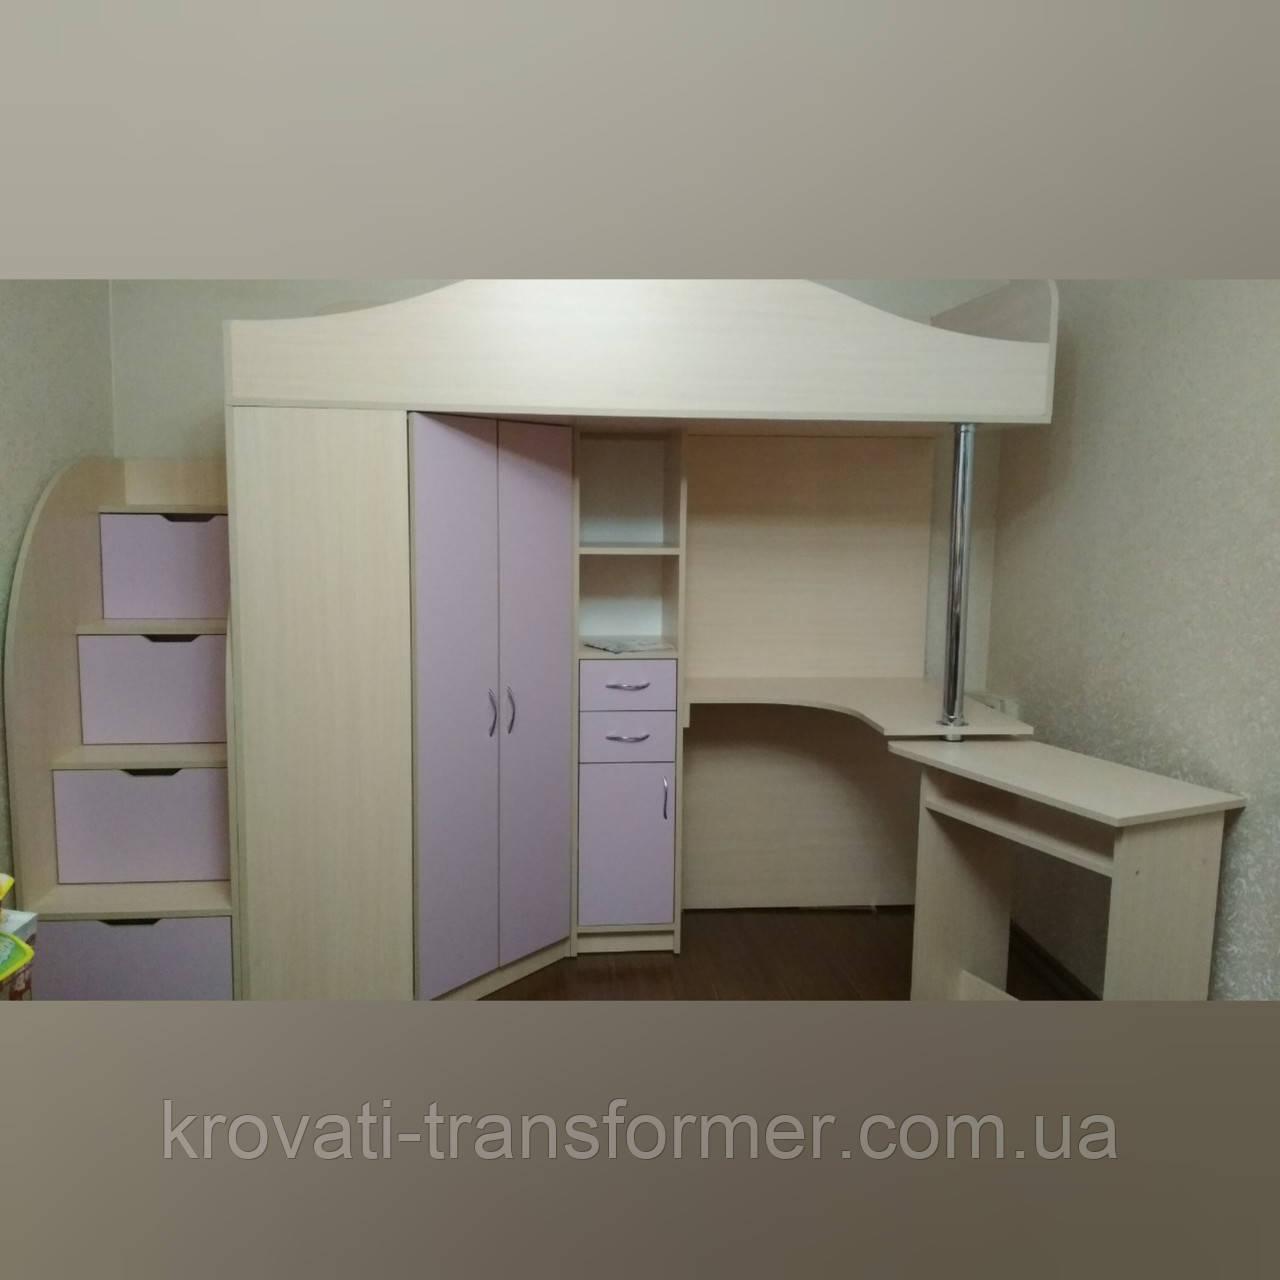 """Кровать чердак со шкафом и столом """"Комби"""" дуб молочный+ лаванда"""